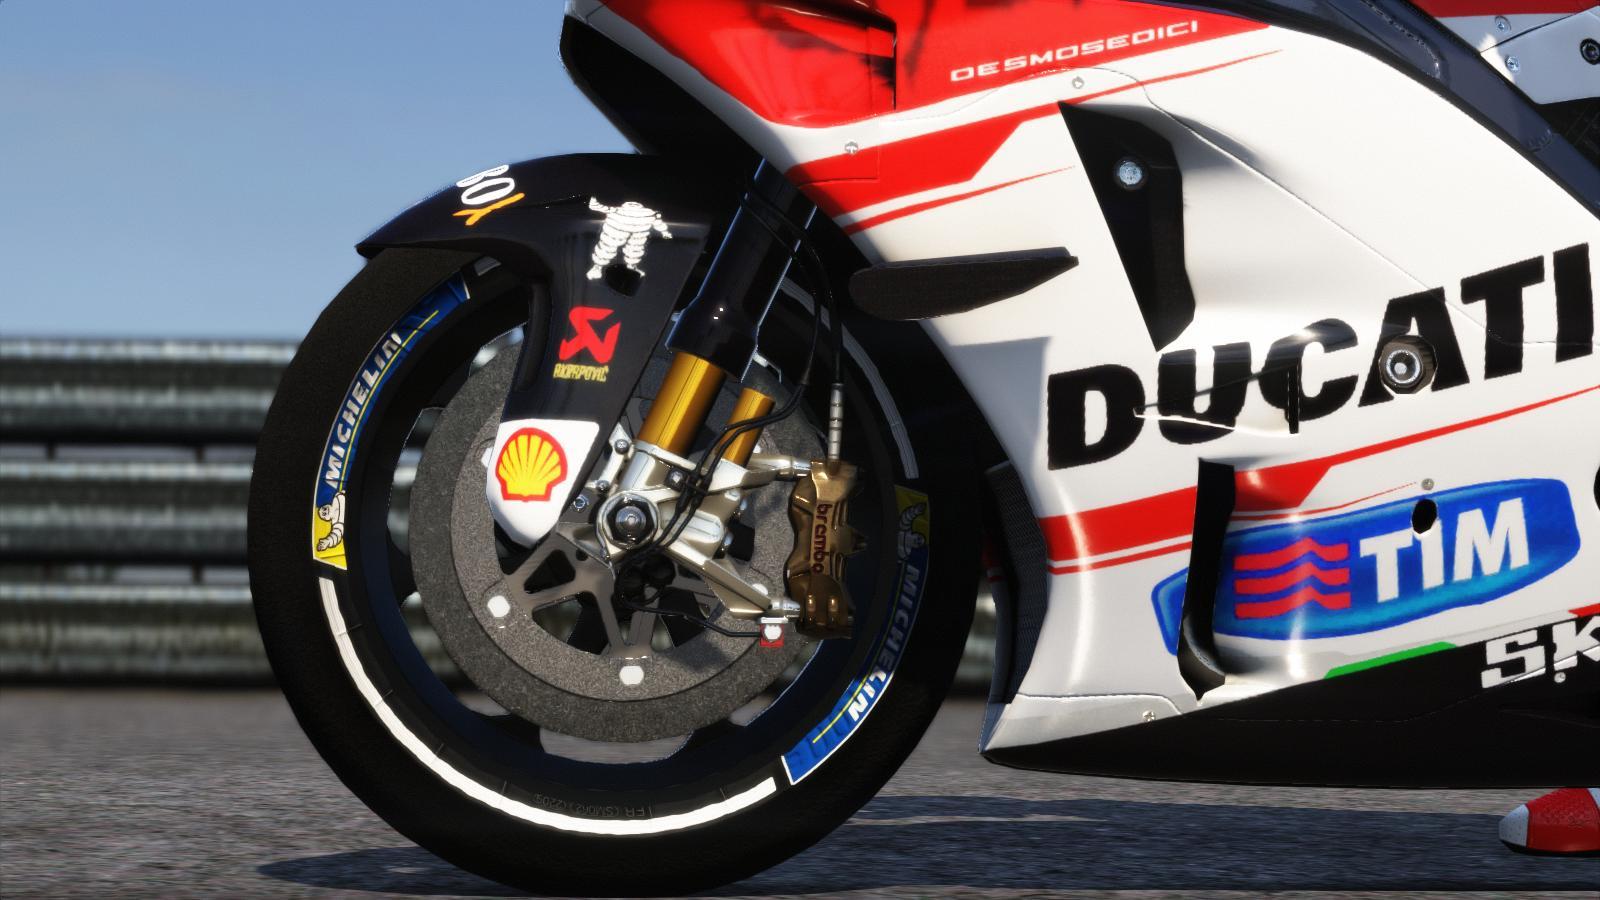 MotoGP15X64 2016-02-20 19-26-05-83.jpg